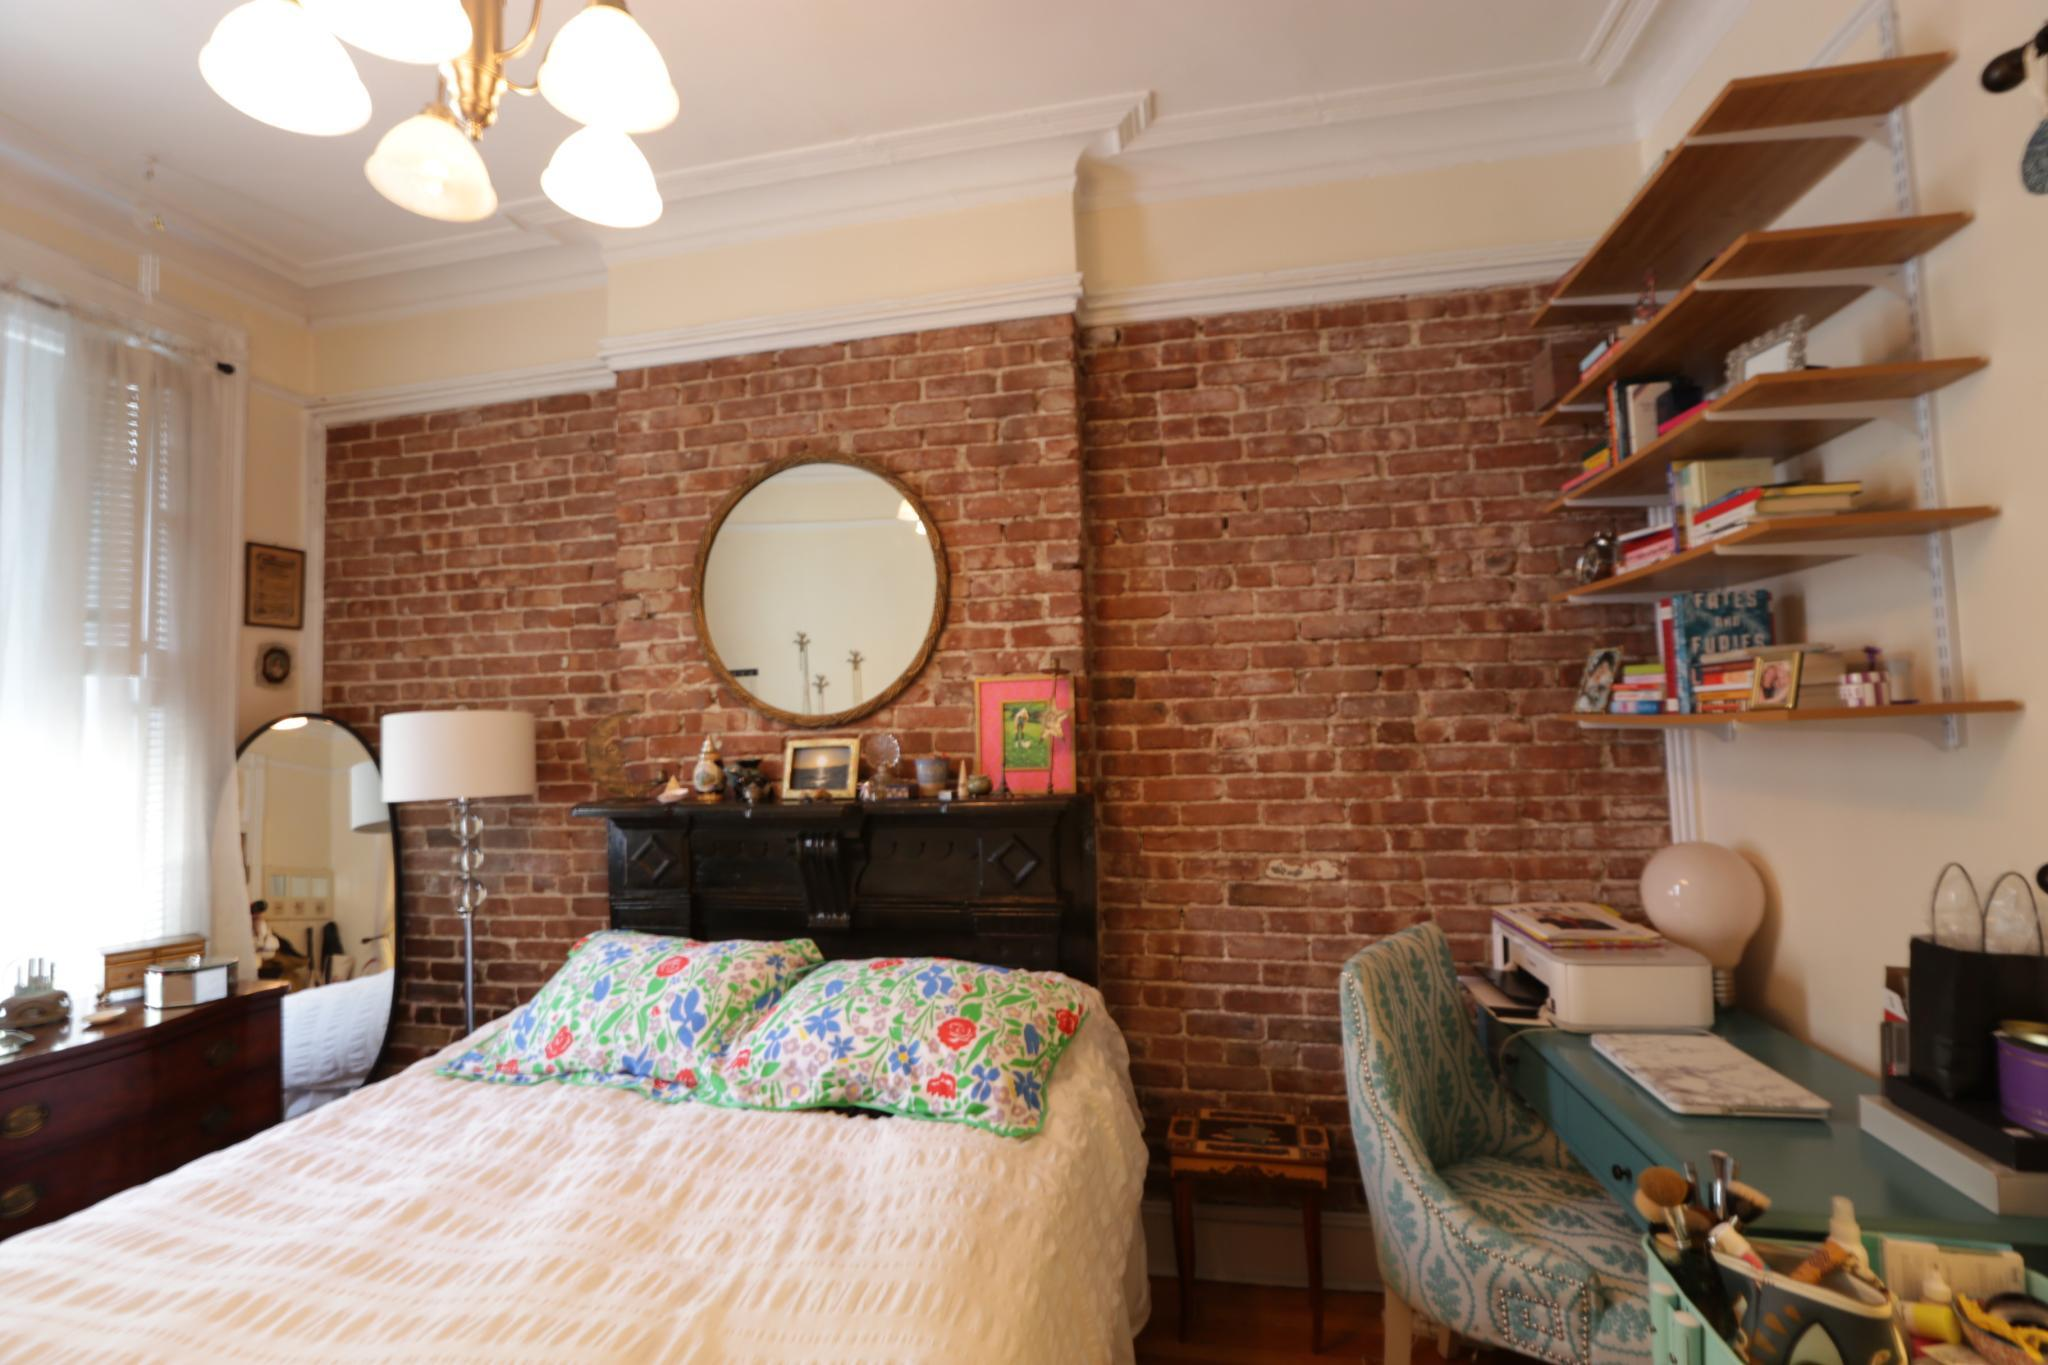 915 Garden St #101 For Rent - Hoboken, NJ   Trulia